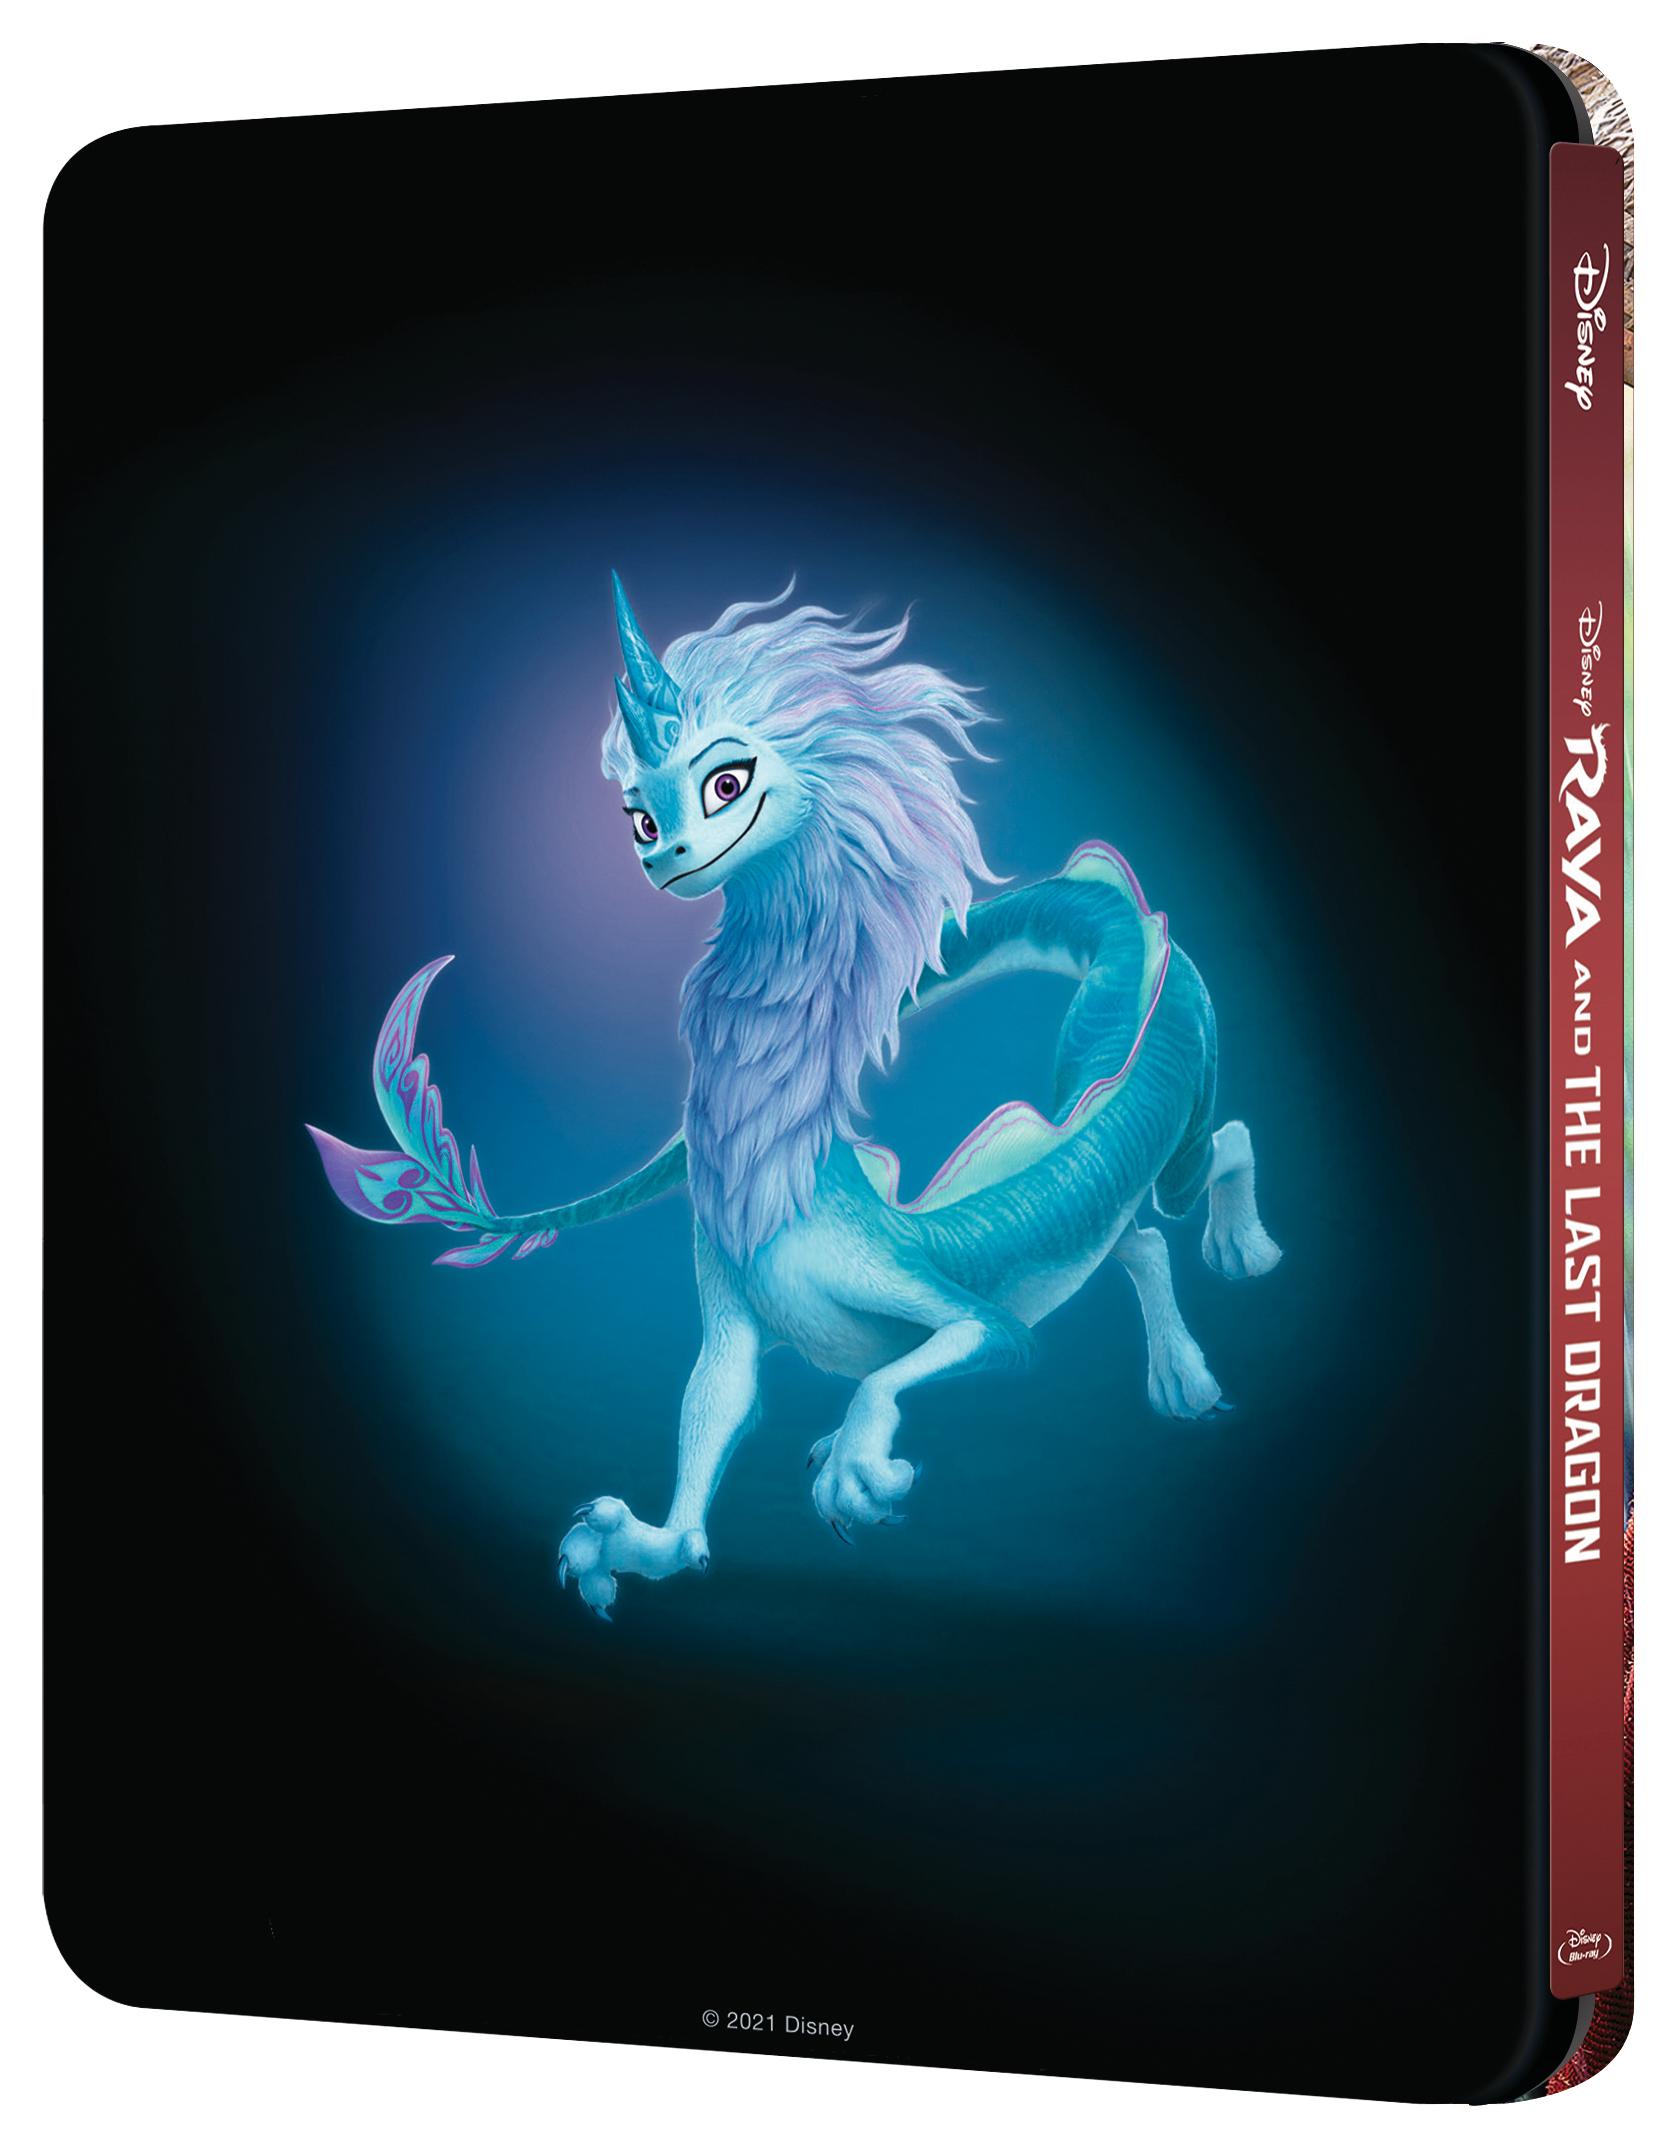 'Raya y el último dragón' llegará en Steelbook Blu-ray, Blu-ray y Dvd el 18 de mayo • En tu pantalla